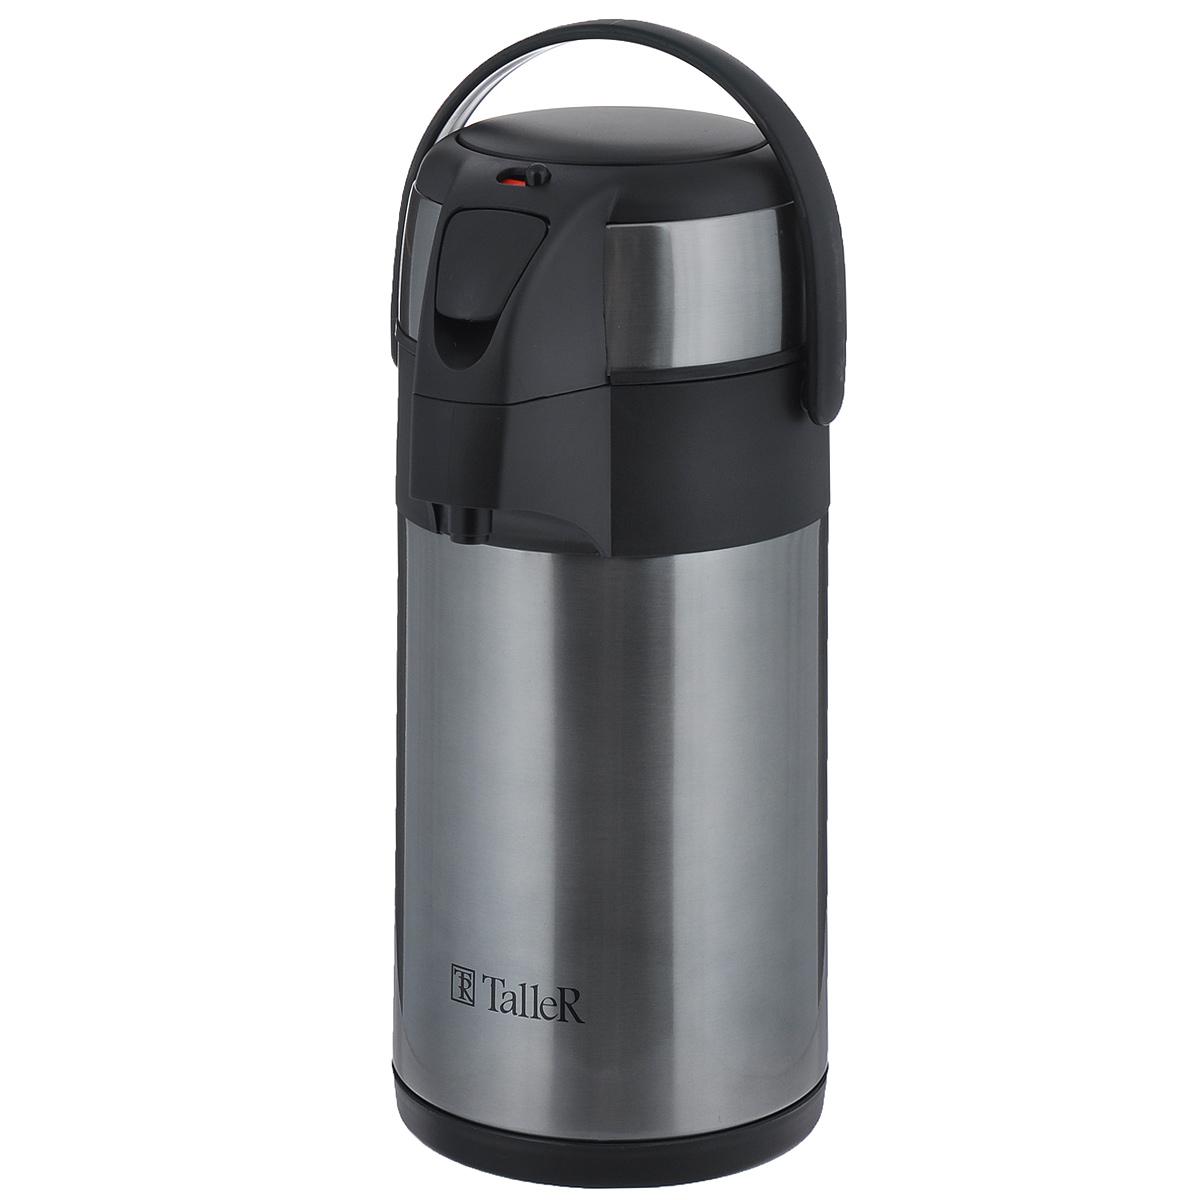 """Термос Taller """"Бартон"""" изготовлен из высококачественной нержавеющей стали 18/10. Вакуумная конструкция термоса надолго сохранит содержимое горячим или холодным. Разборная конструкция внутренней крышки облегчает уход. Удобная компактная ручка позволяет легко переносить термос. Удобная кнопка большого диаметра позволяет легко налить напитки, просто нажав кнопку. Специальный клапан на крышке позволяет легко ее открыть, чтобы наполнить термос жидкостью. Переключатель позволяет заблокировать кнопку помпы и предотвращает расплескивание жидкости. Легкий и прочный термос Taller """"Бартон"""" сохранит ваши напитки горячими или холодными надолго.Рекомендовано мыть в ручную."""